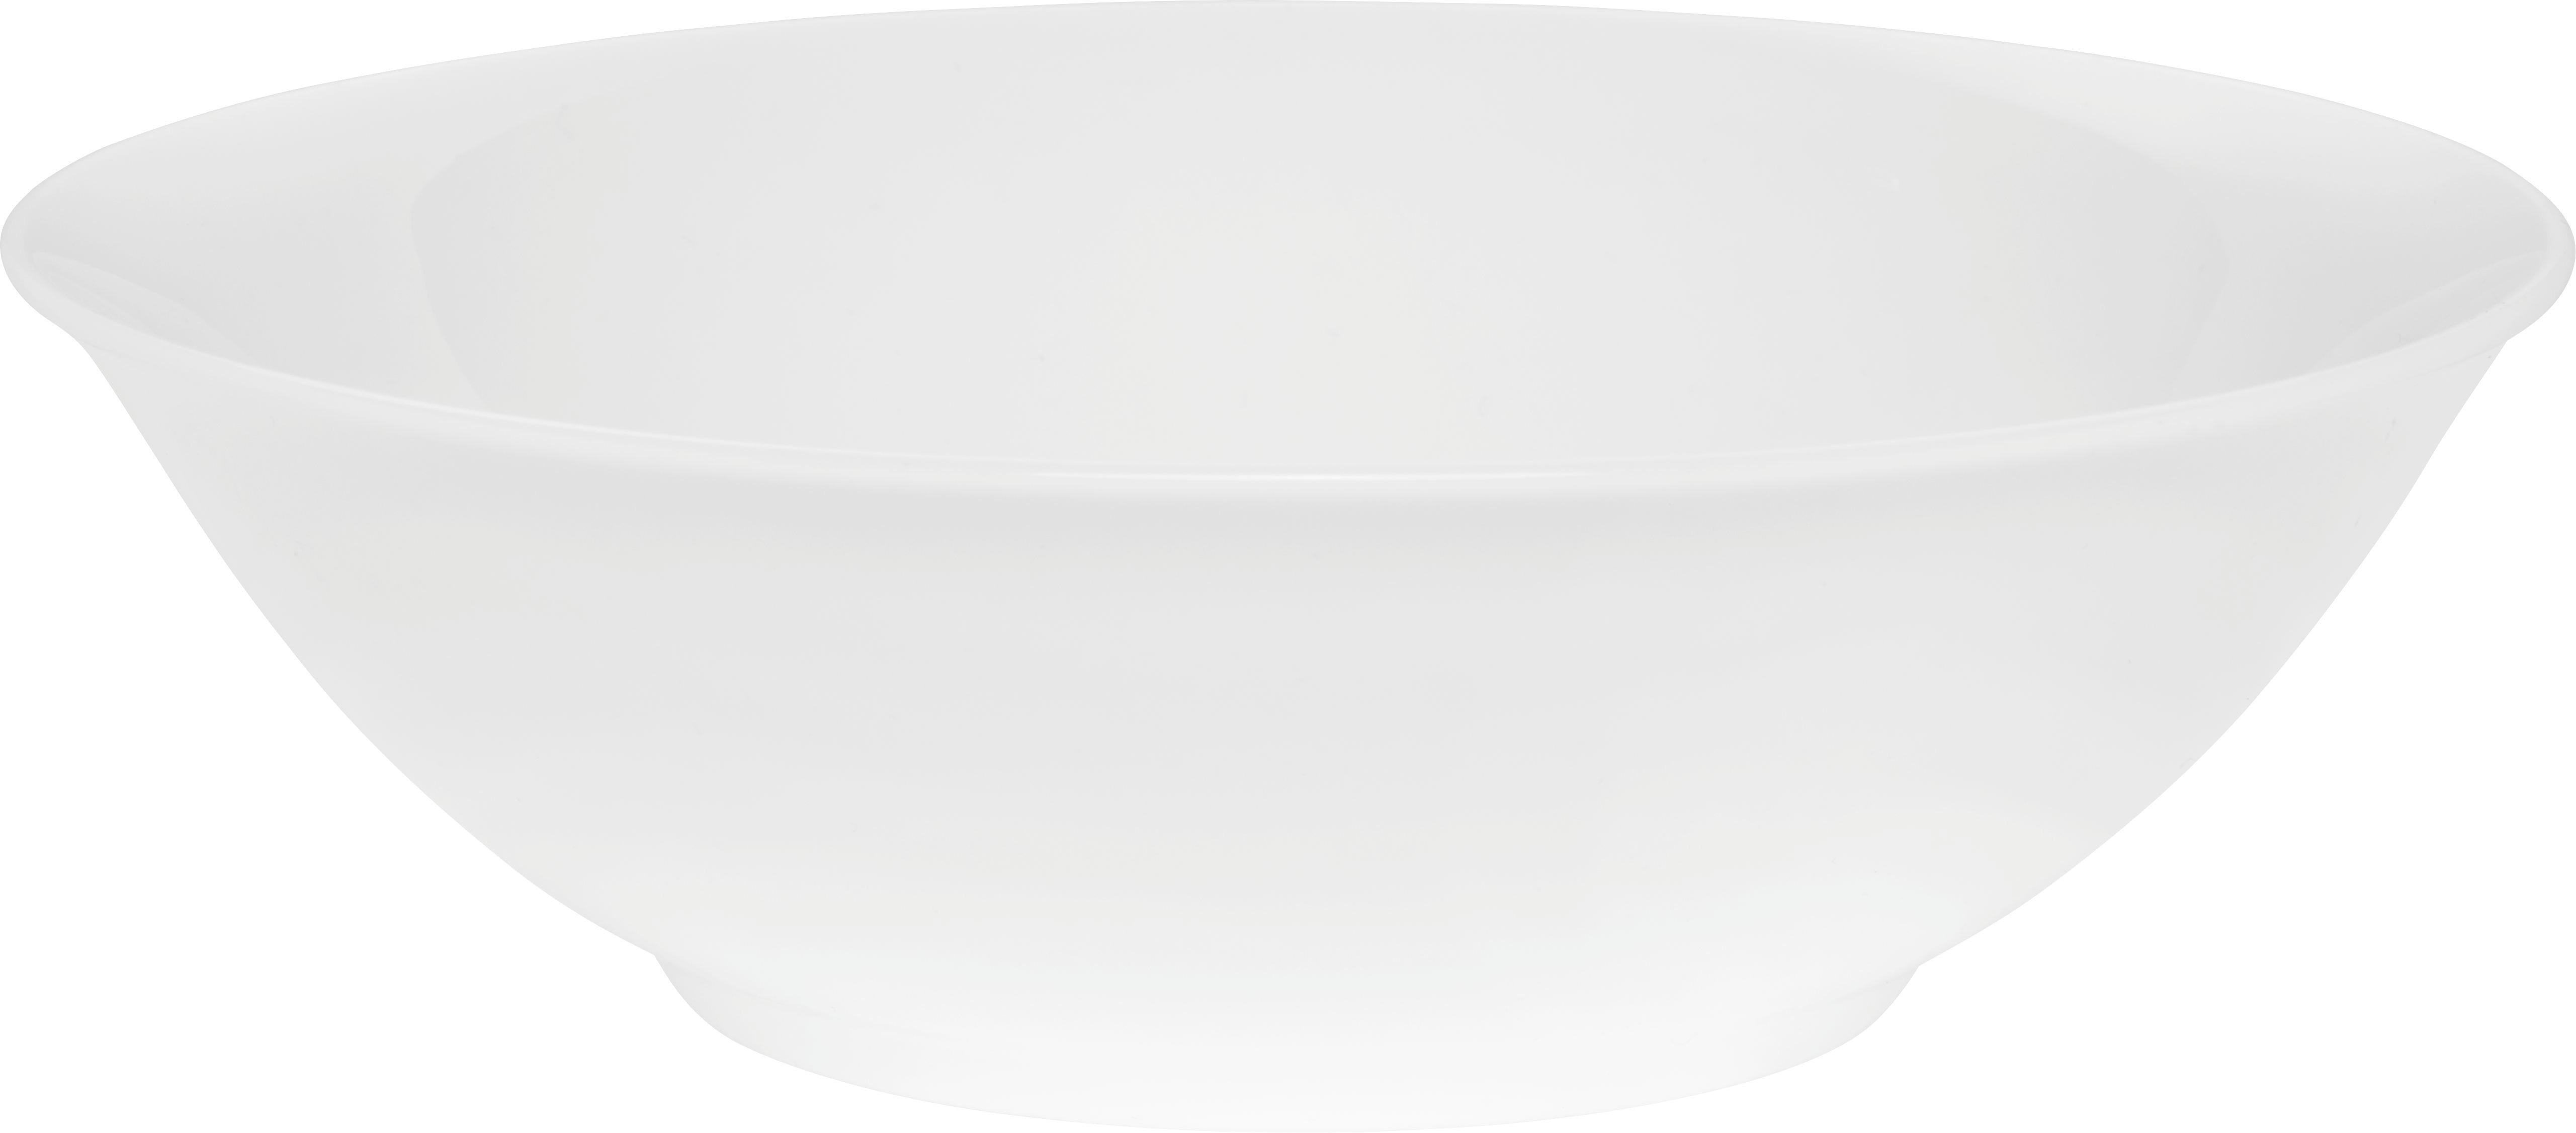 Schüssel Bonnie in Weiß - Weiß, MODERN, Keramik (15,9cm) - MÖMAX modern living